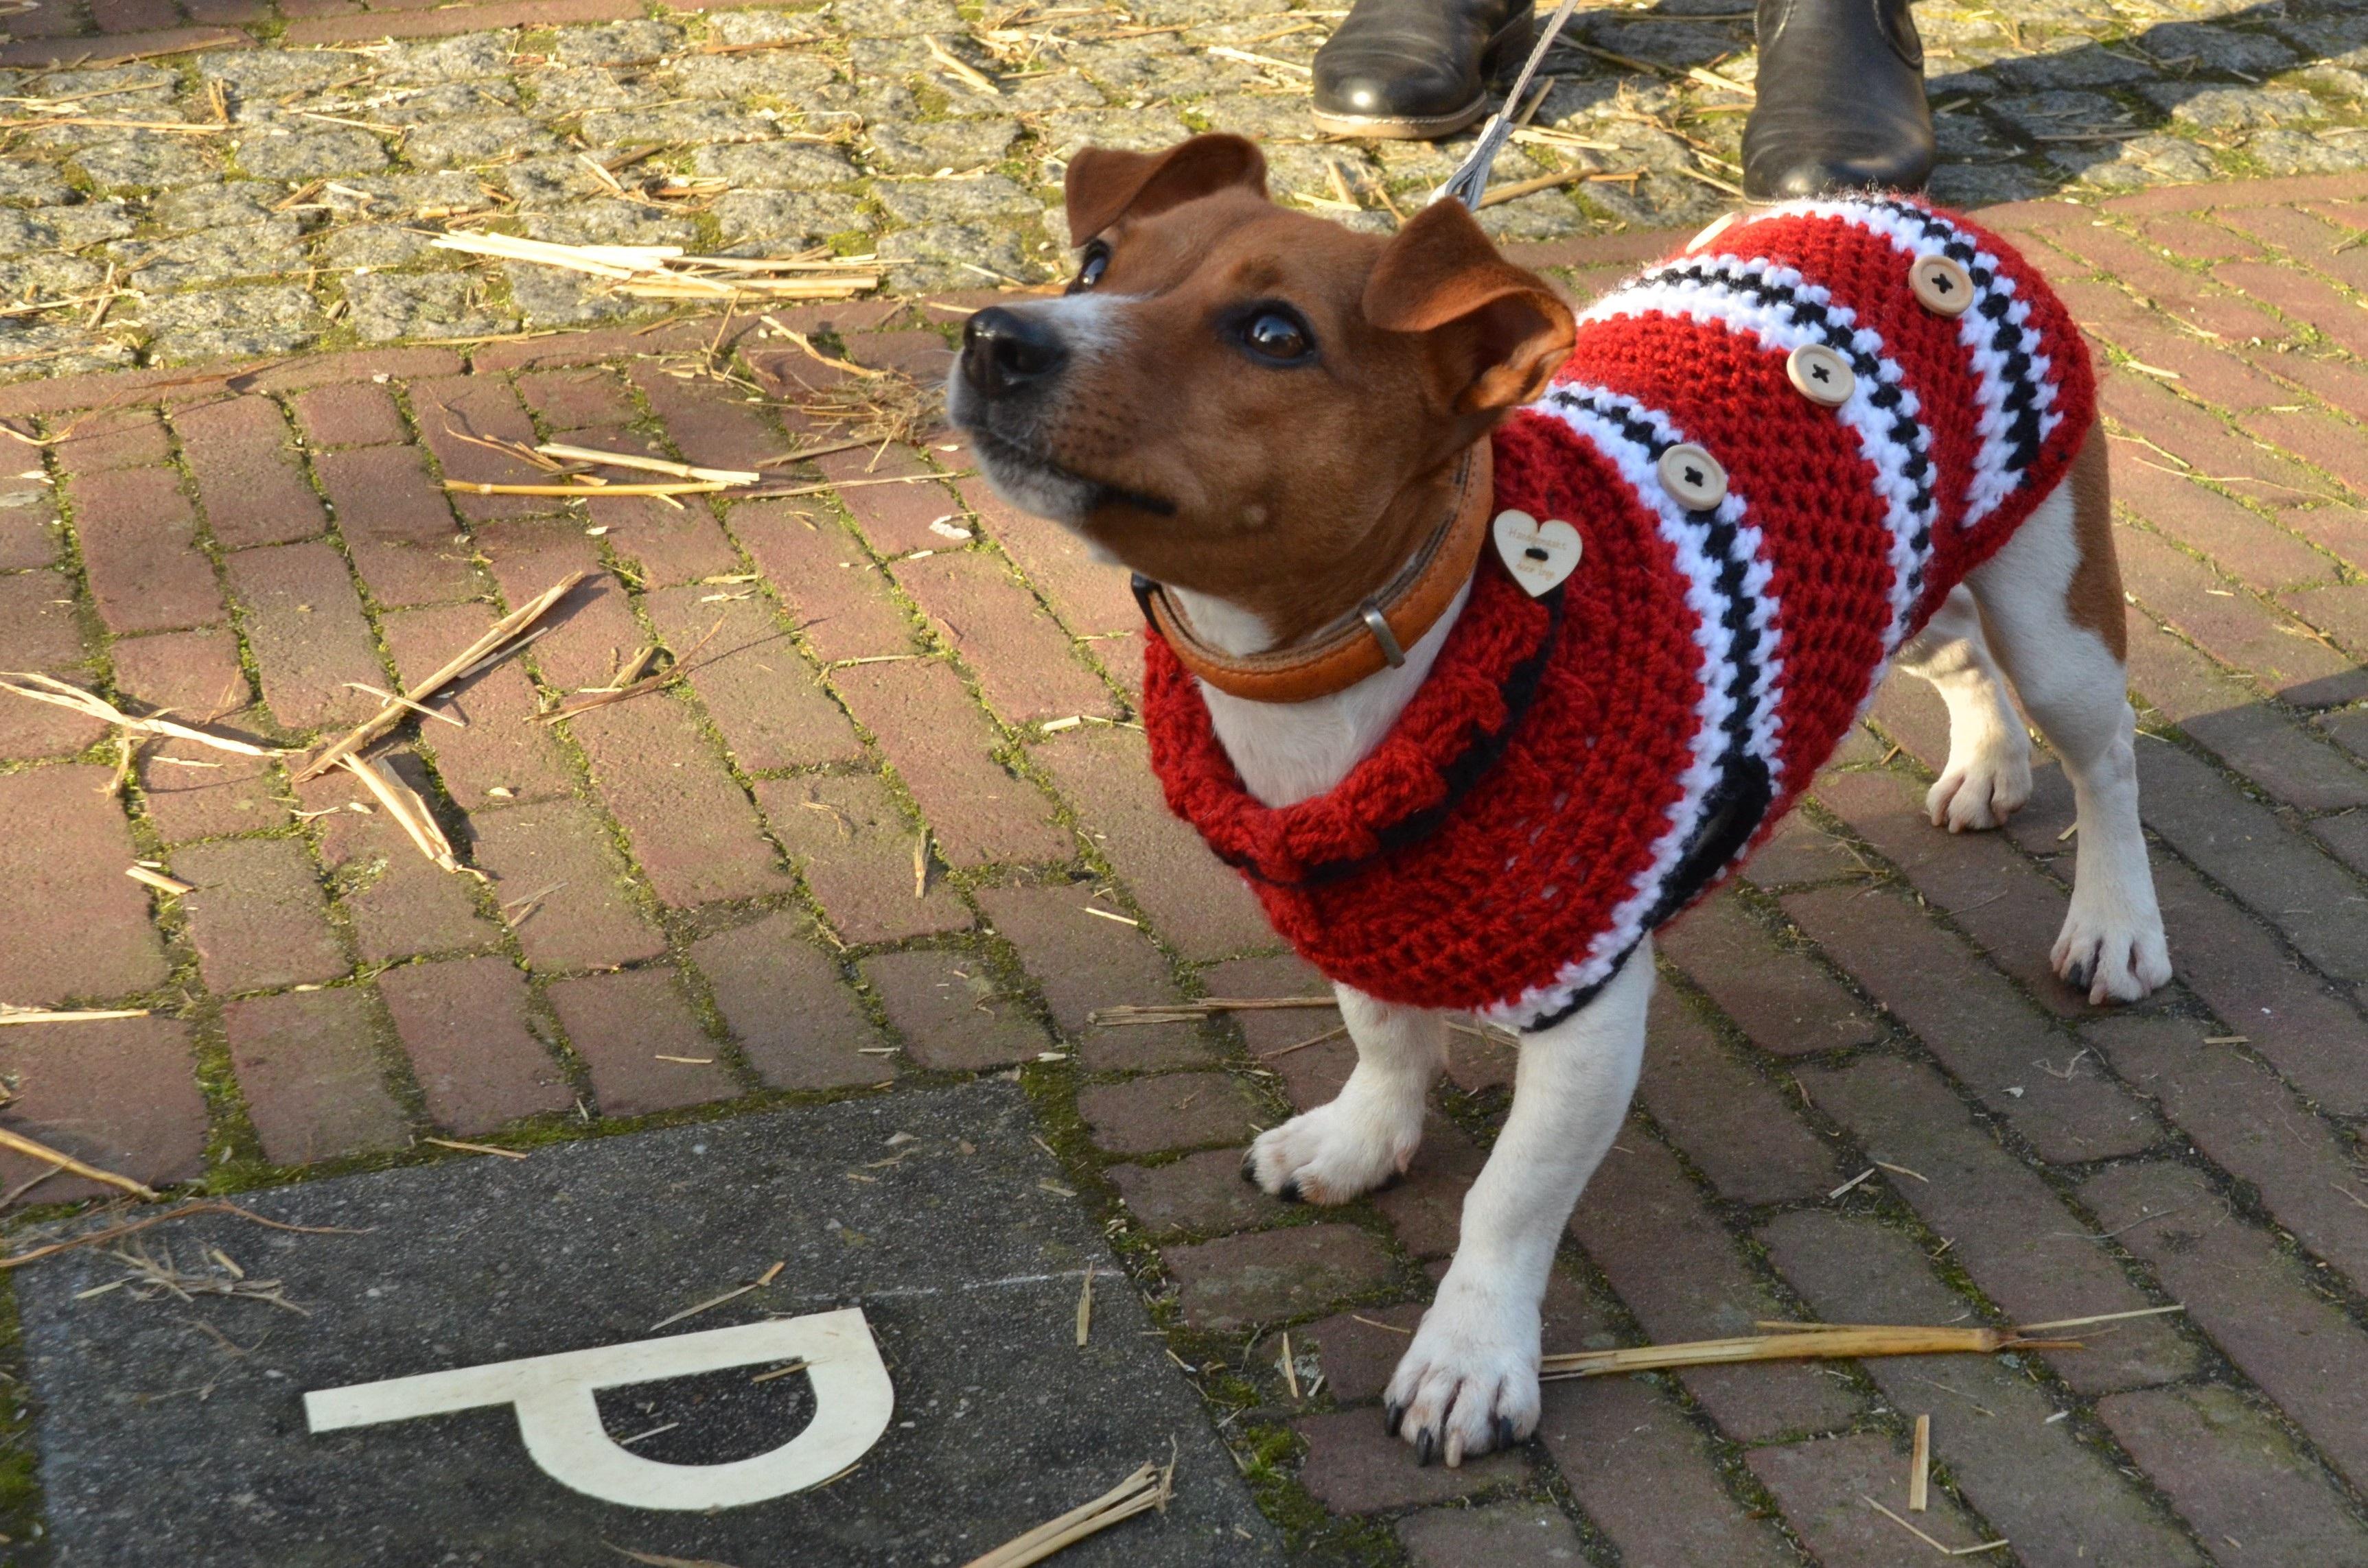 Immagini Belle Freddo Inverno Animale Domestico Giacca